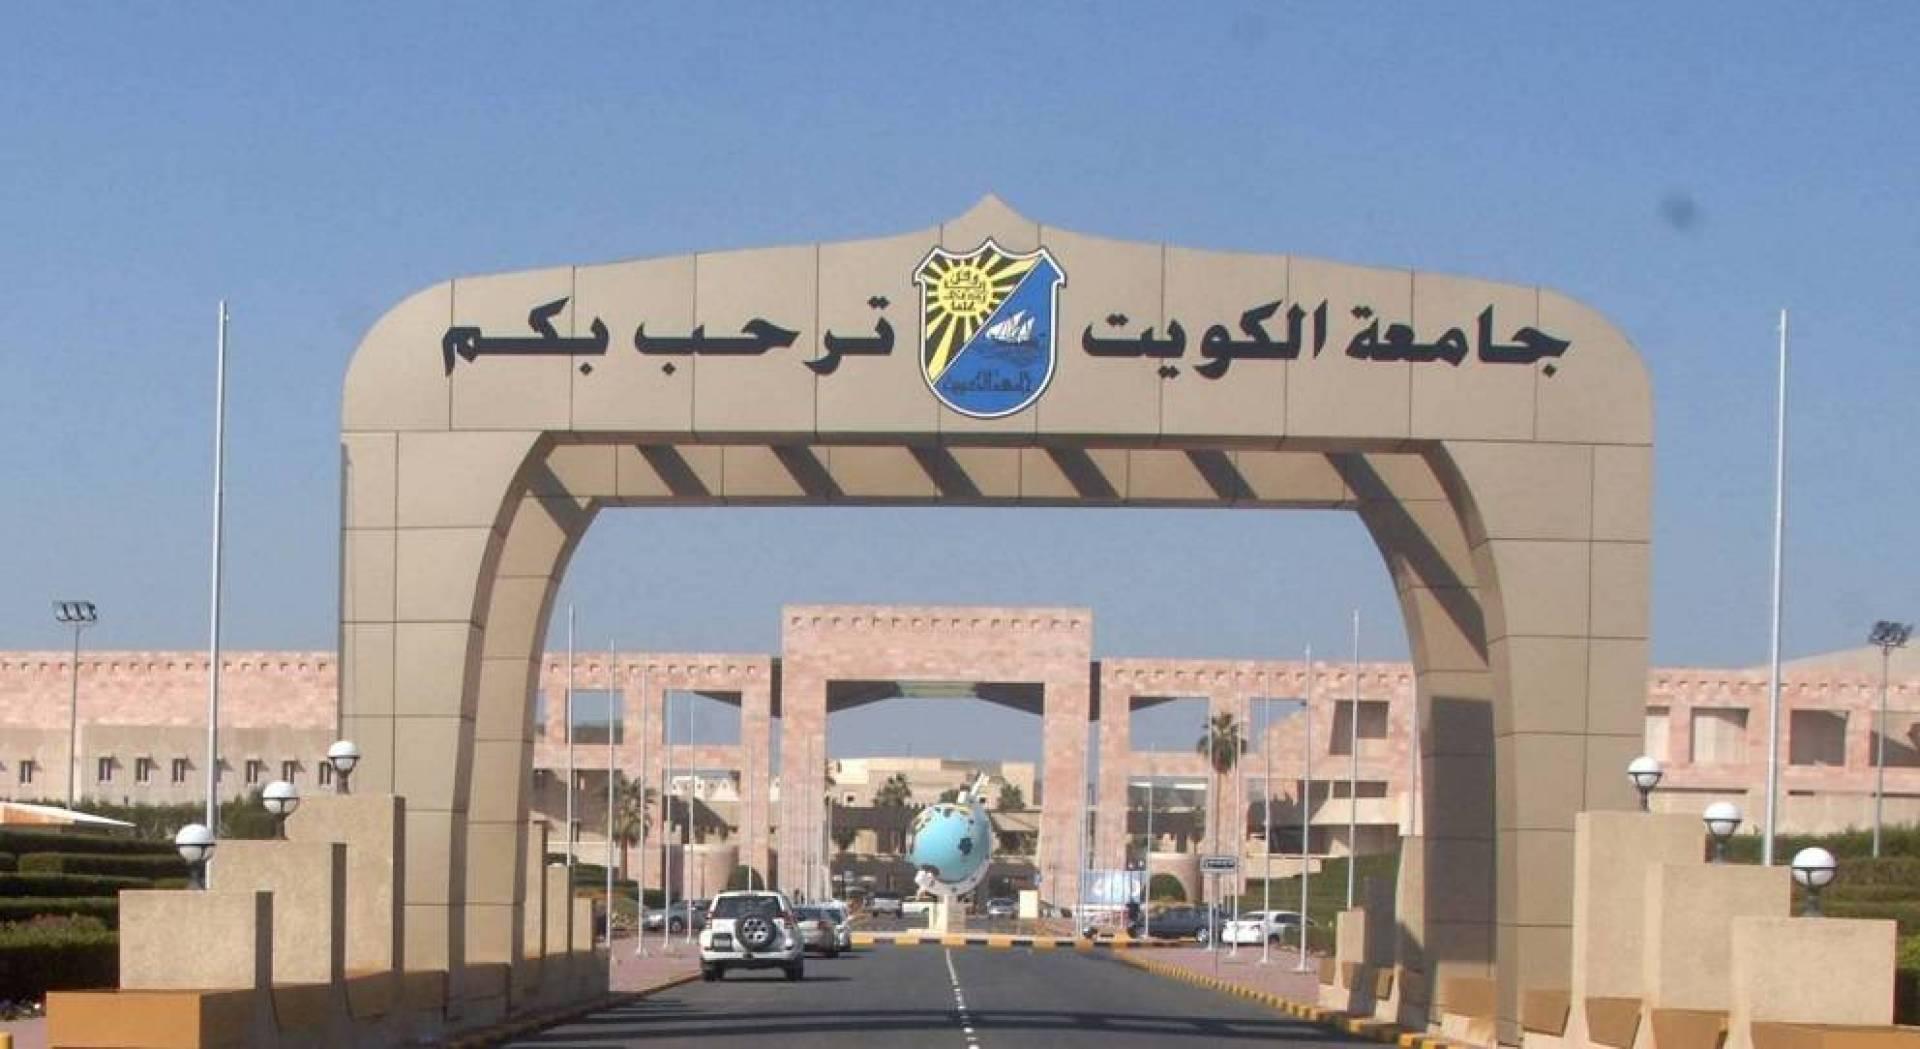 جامعة الكويت: لا تغيير في النسب الدنيا للقبول بالعام الجامعي المقبل